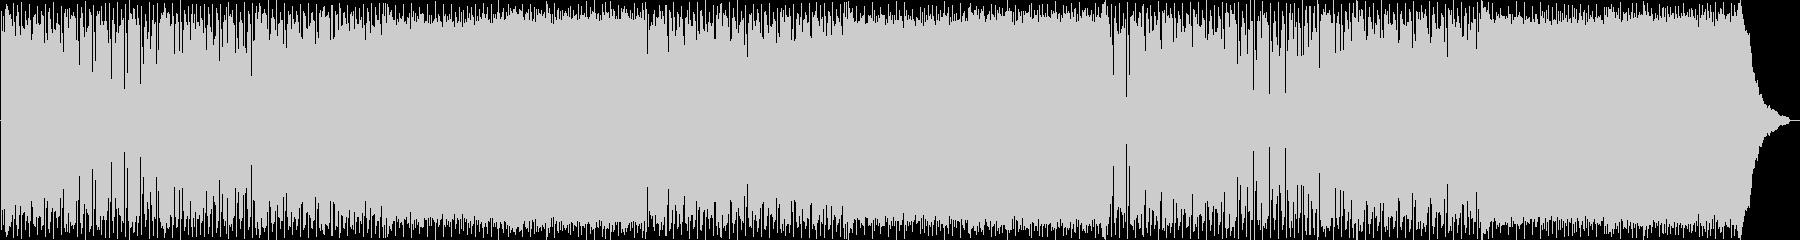 ポップな背景。ピアノアルペジオも。...の未再生の波形